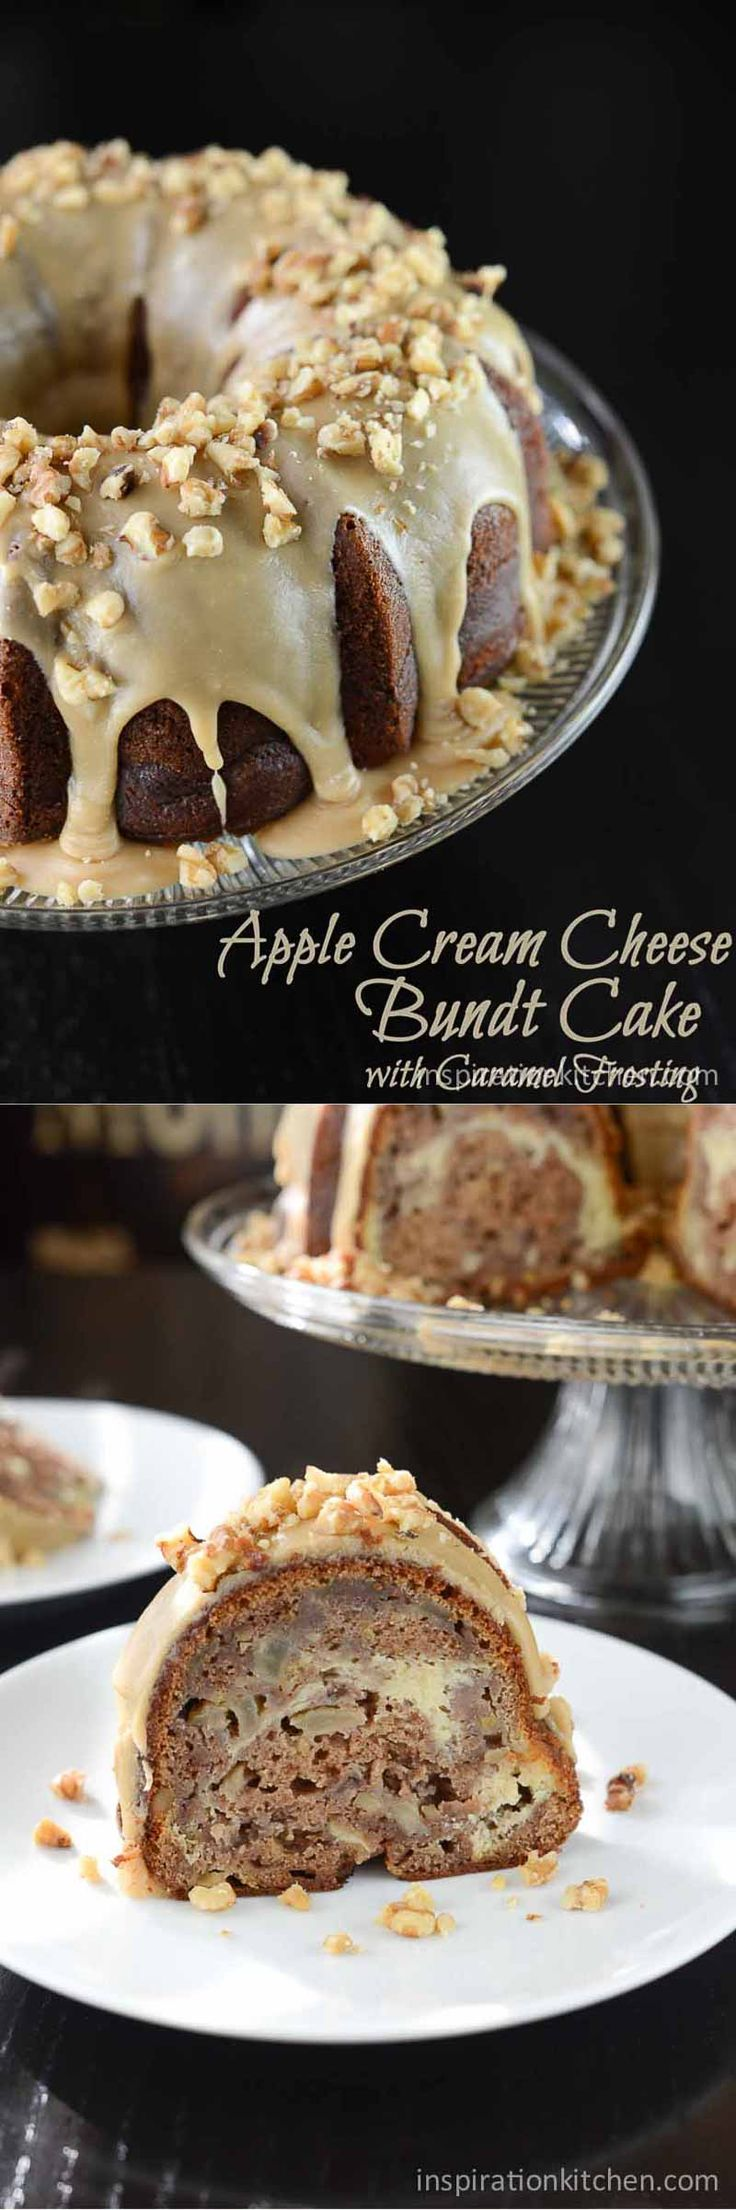 Apple Cream Cheese Bundt Cake Praline Frosting | Inspiration Kitchen